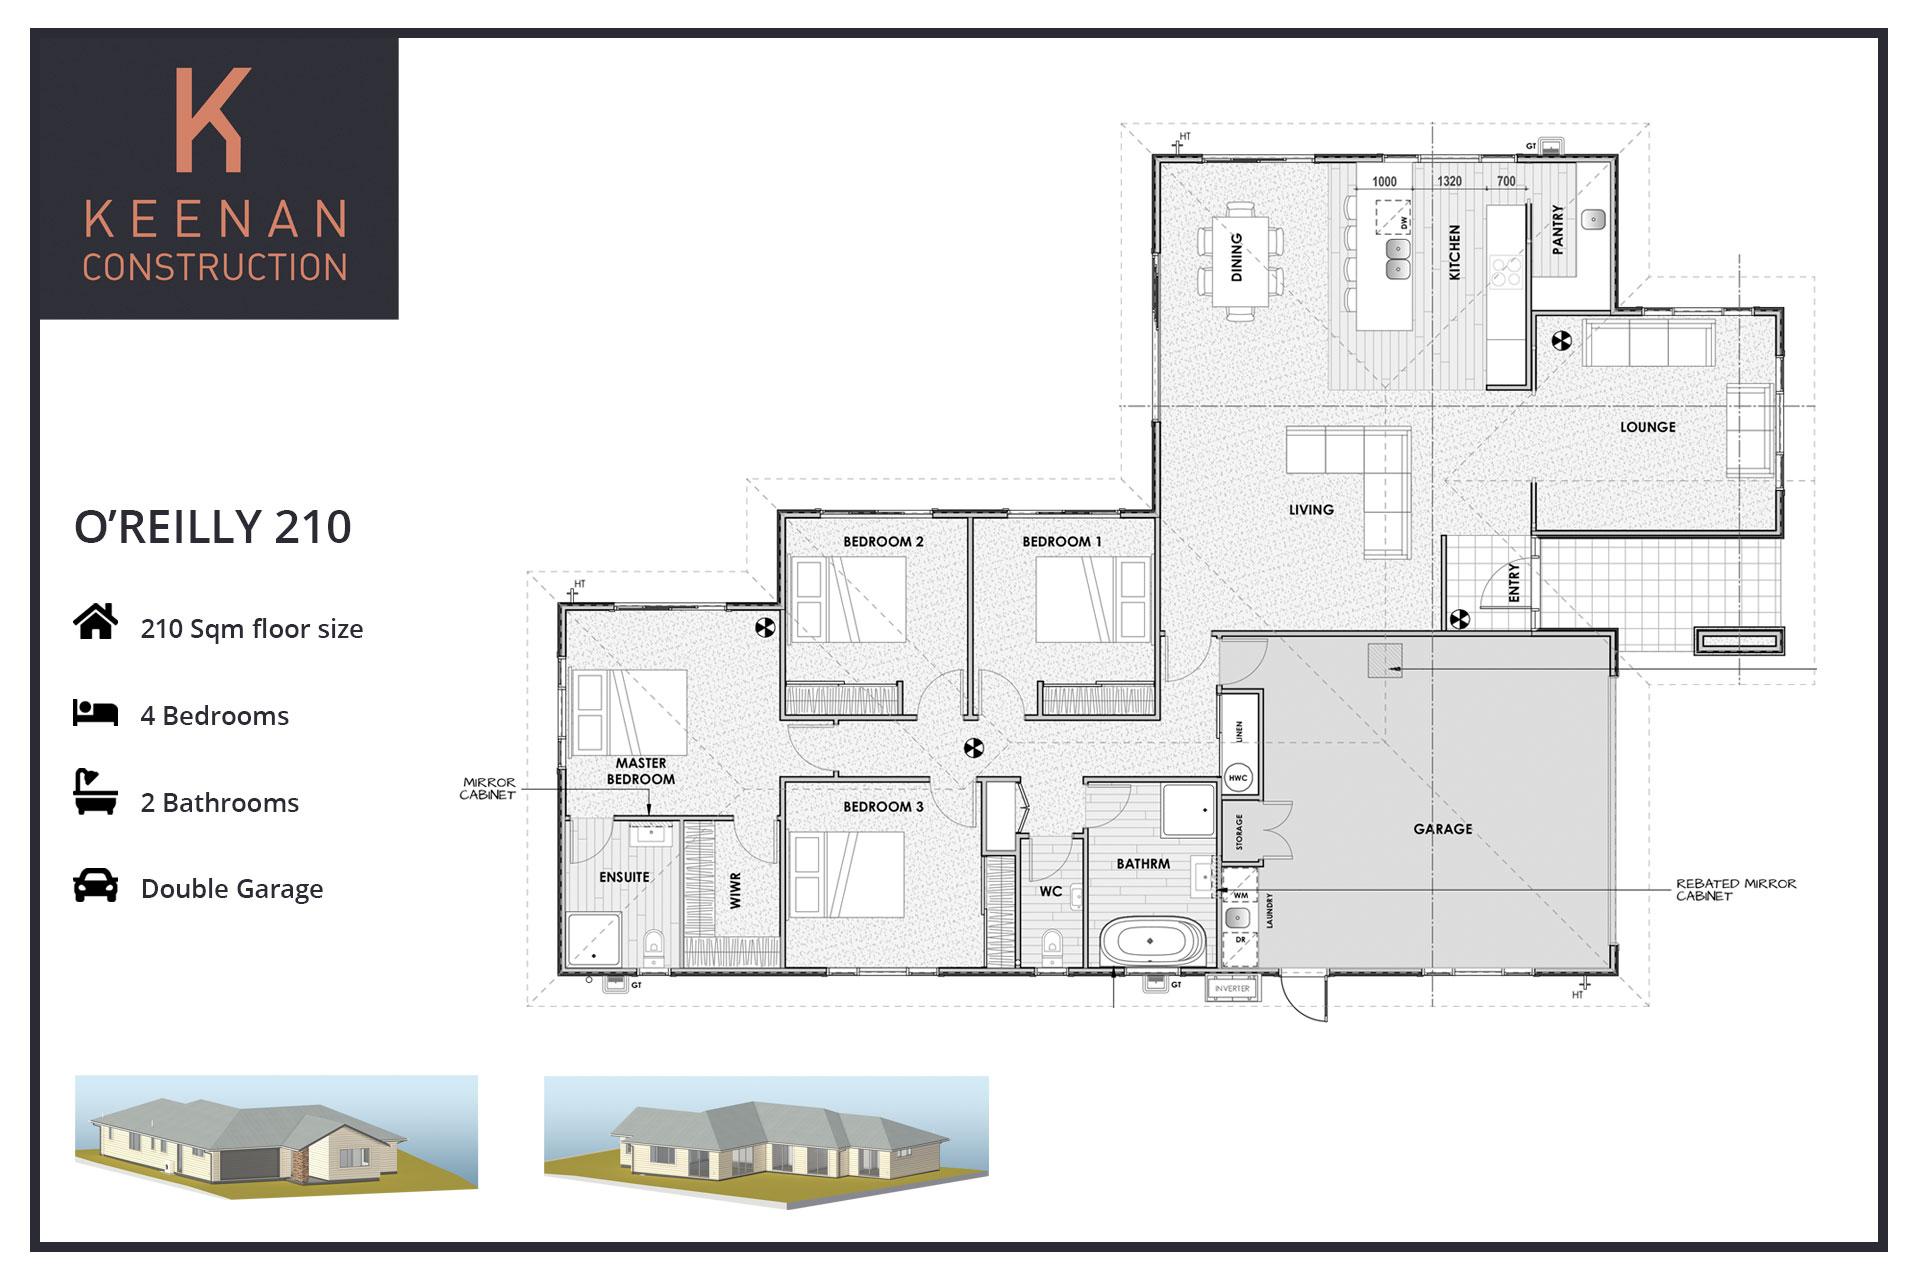 OReilly 210 Floor Plans